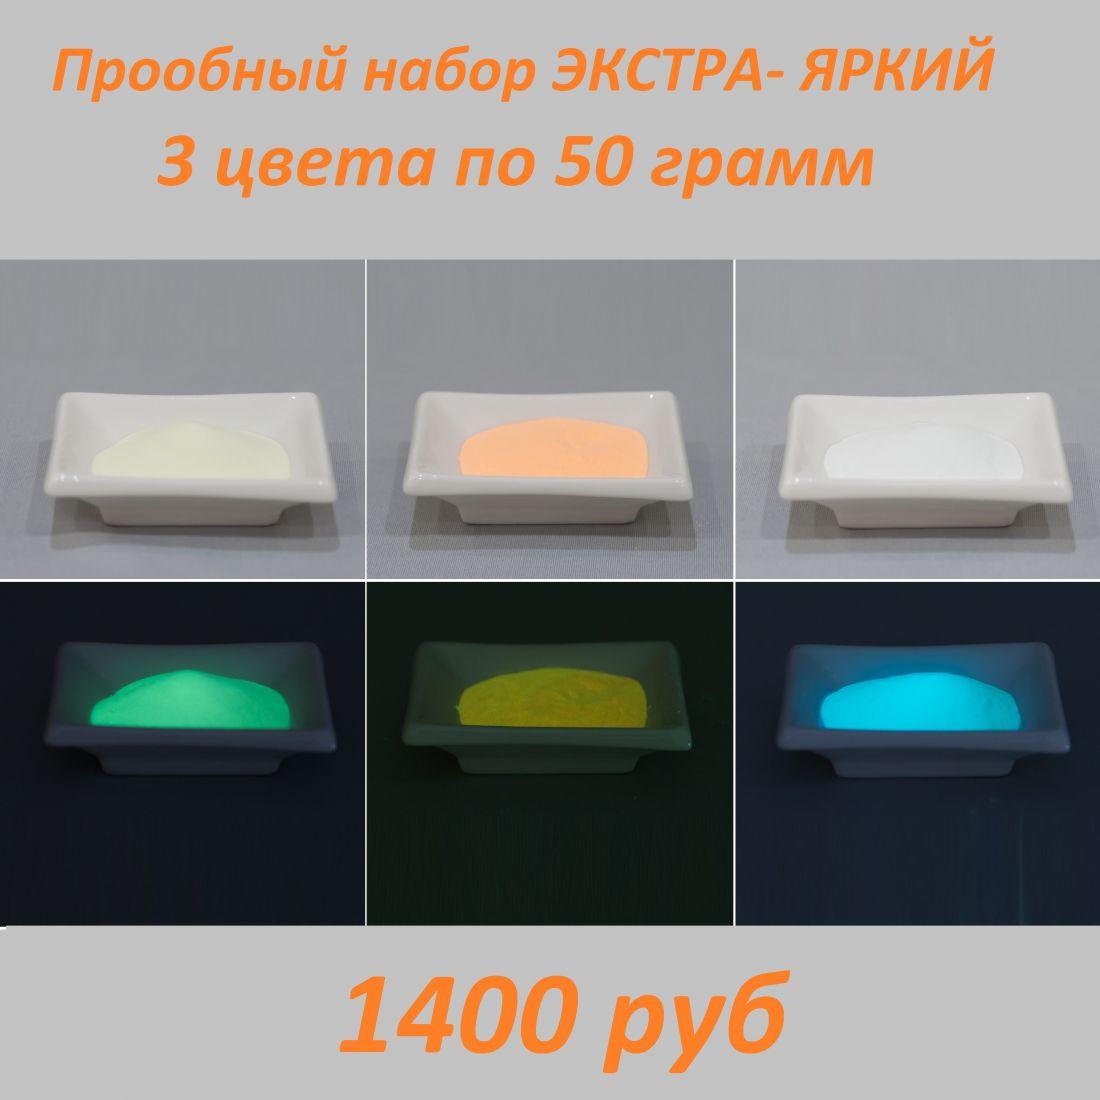 Люминофор - пробный набор 3 цвета по 50 грамм